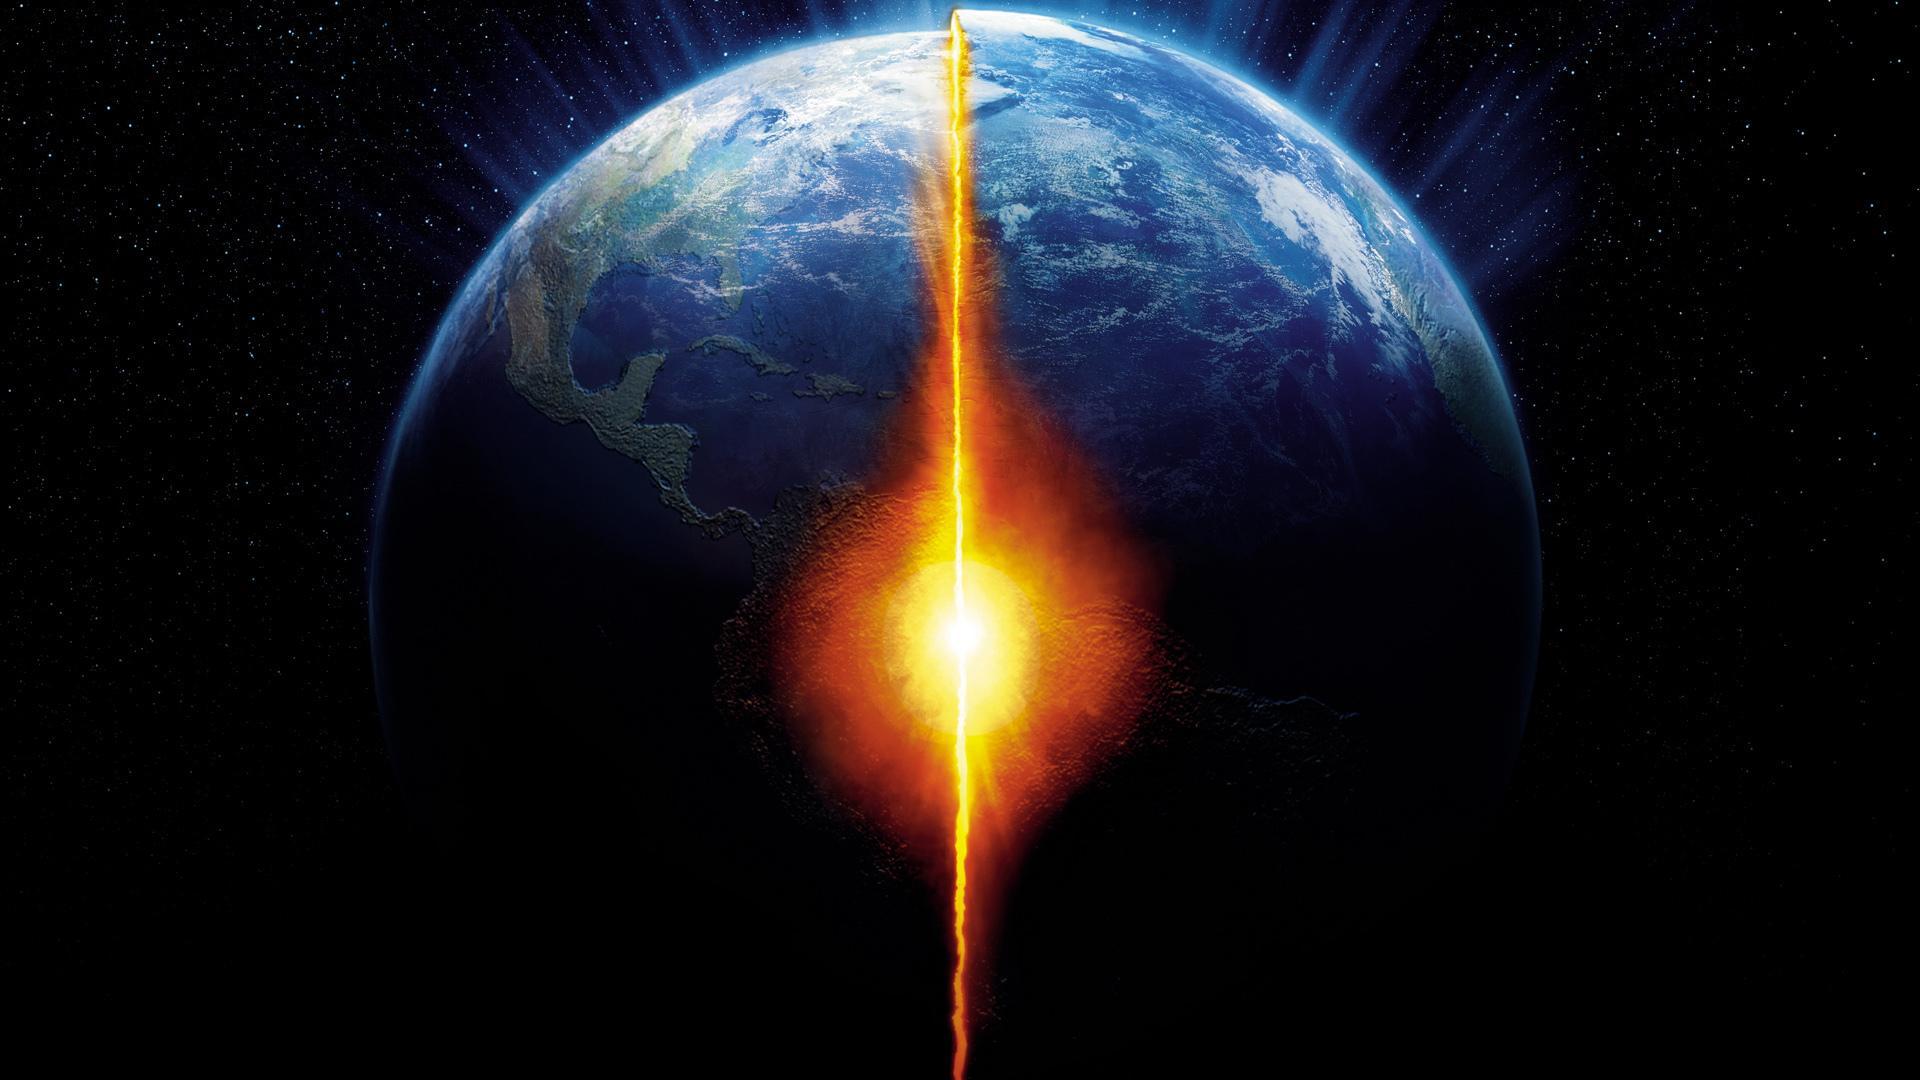 Iss Hd Wallpaper 10 Fatos Incr 237 Veis E Desconhecidos Sobre O Planeta Terra